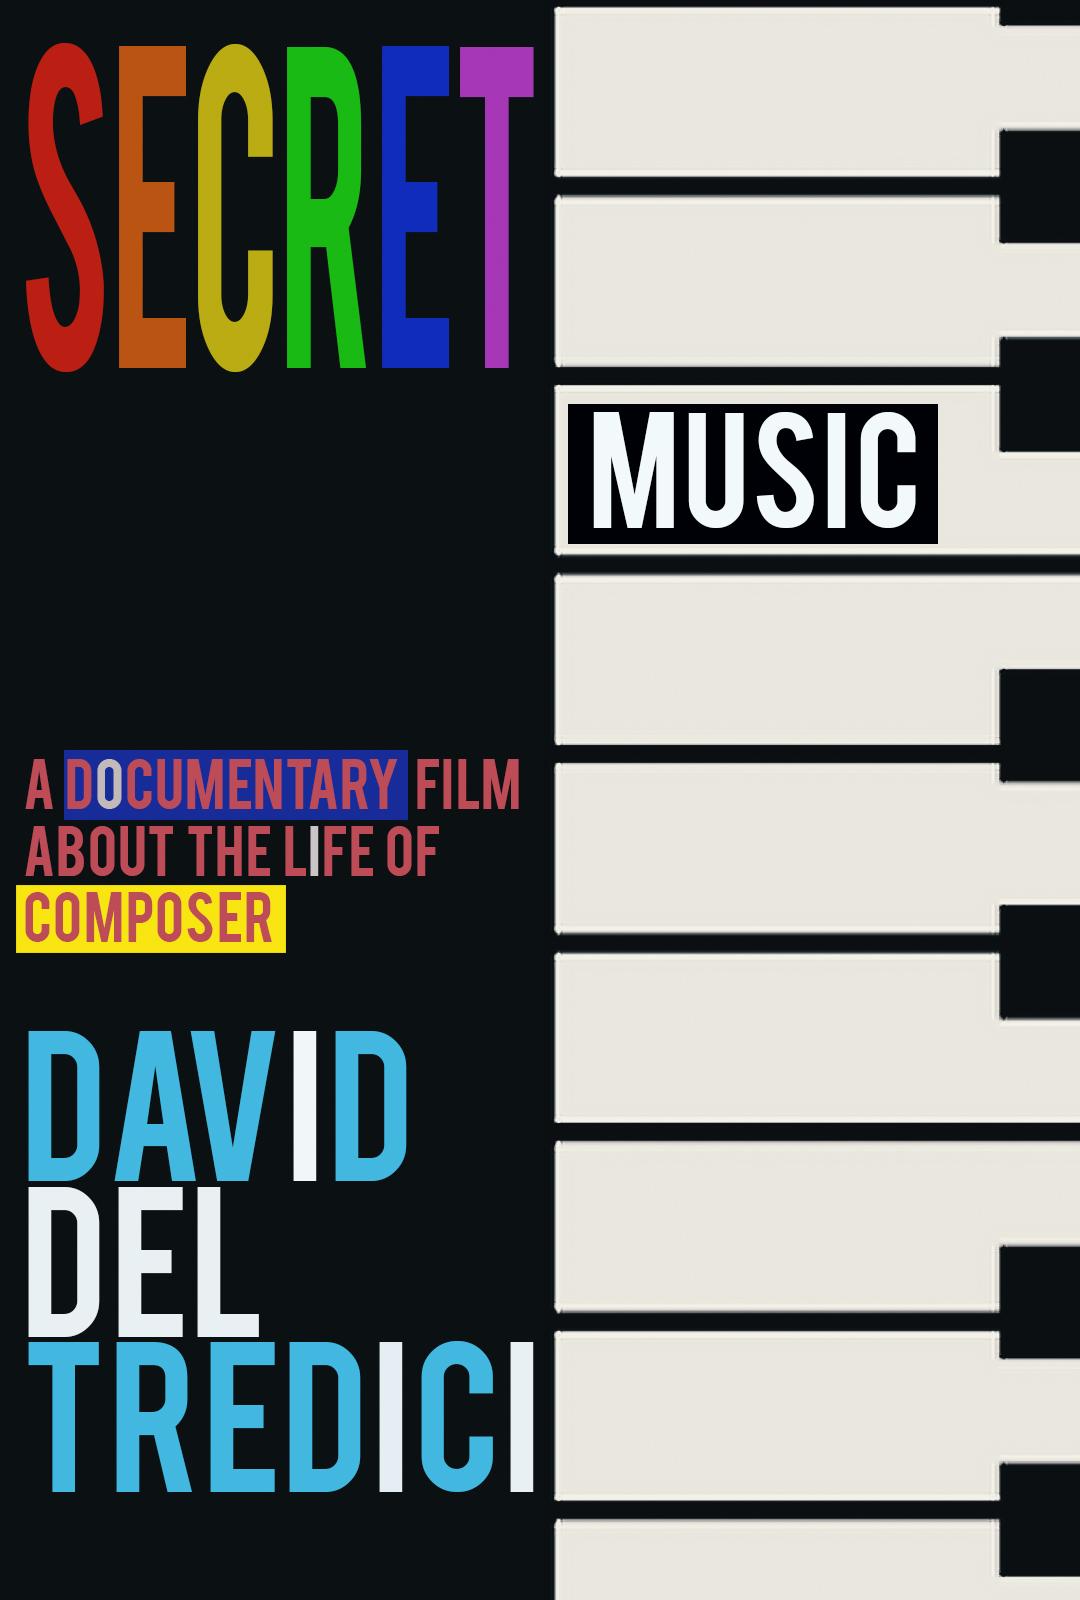 Secret+music+Film+Poster.jpg